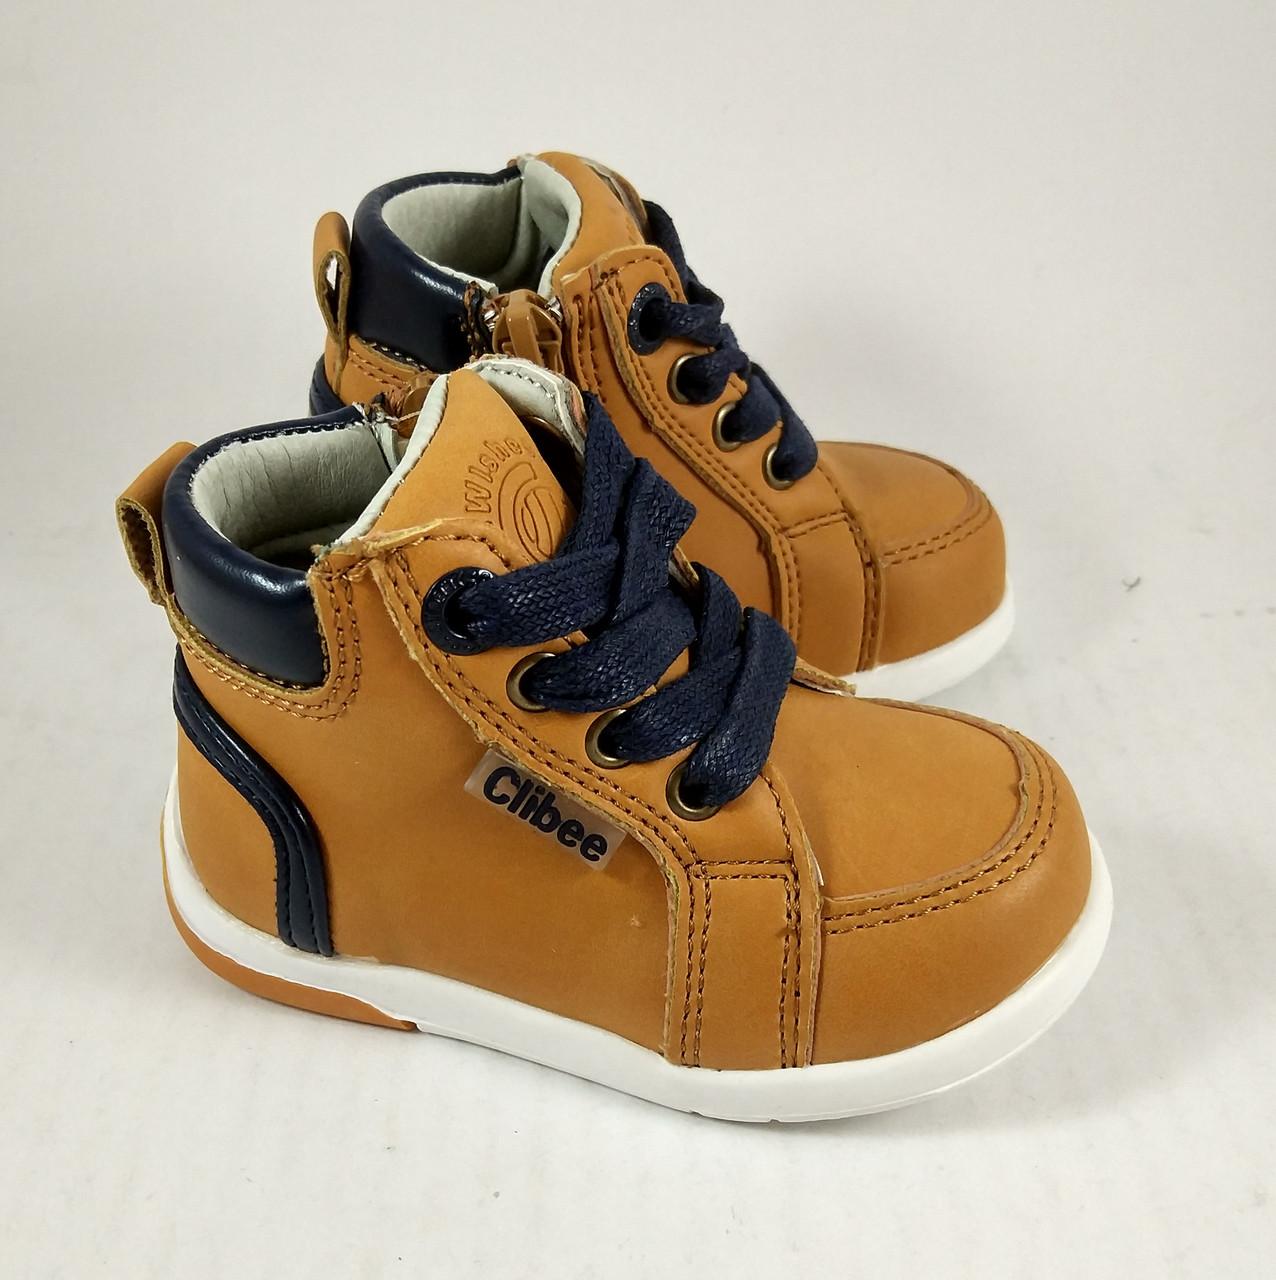 a2e49d7d Ботинки для мальчиков, рыжие, детская обувь - mioBambino Интернет магазин детской  обуви в Днепре